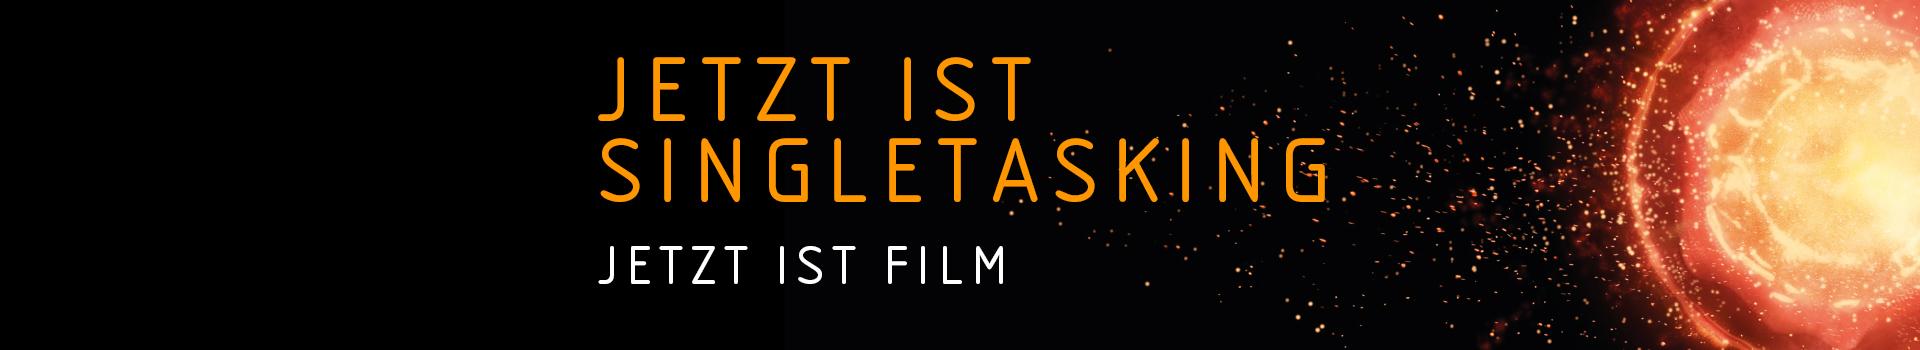 """Ein Banner mit dem Claim """"Jetzt ist Singeltasking. Jetzt ist Film."""", rechts daneben ein Visual einer Supernova."""